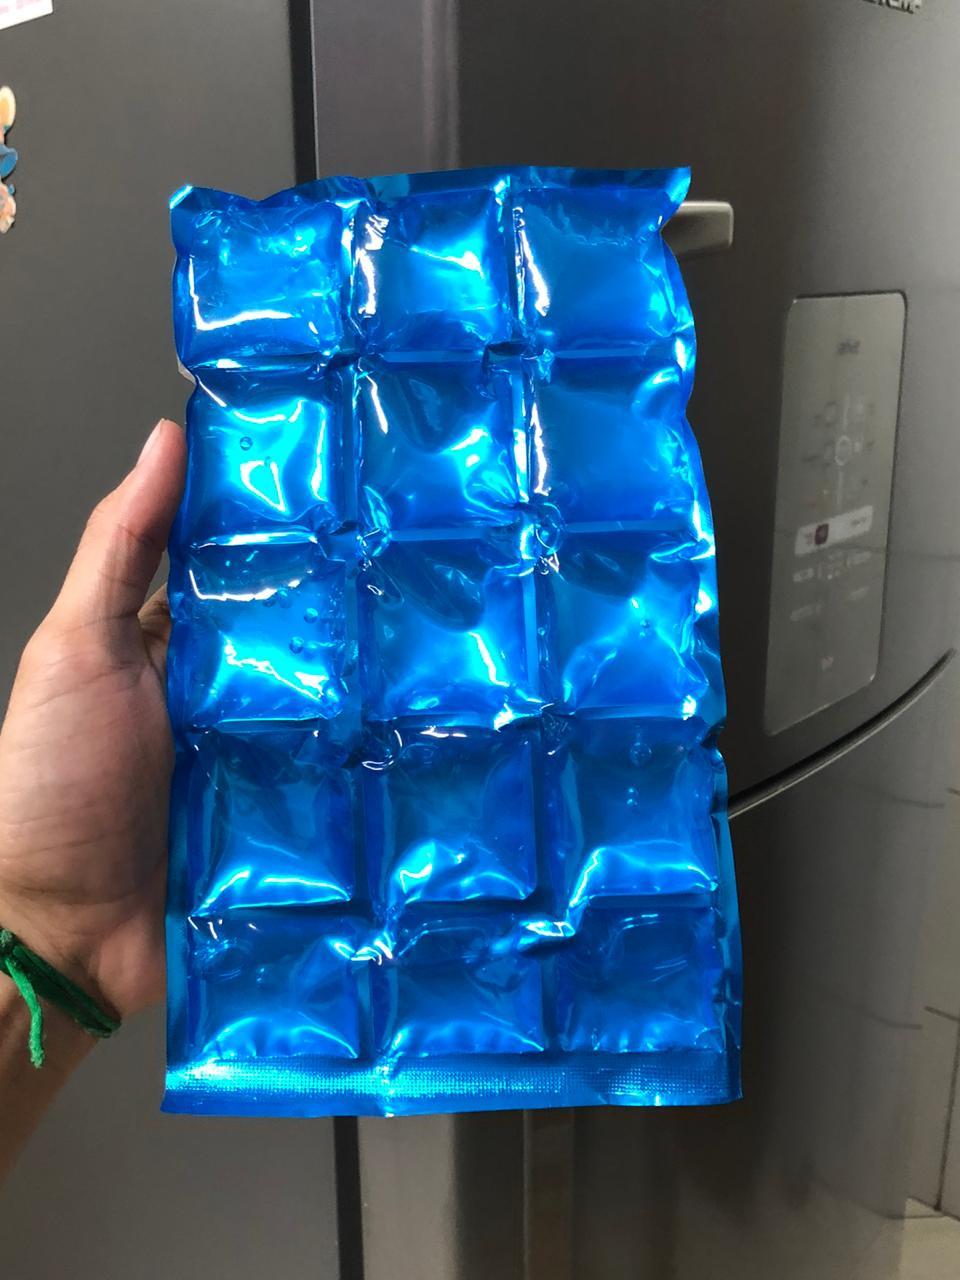 bolsa termica gel frio gelo compressa coolers e isopor gelo artificial